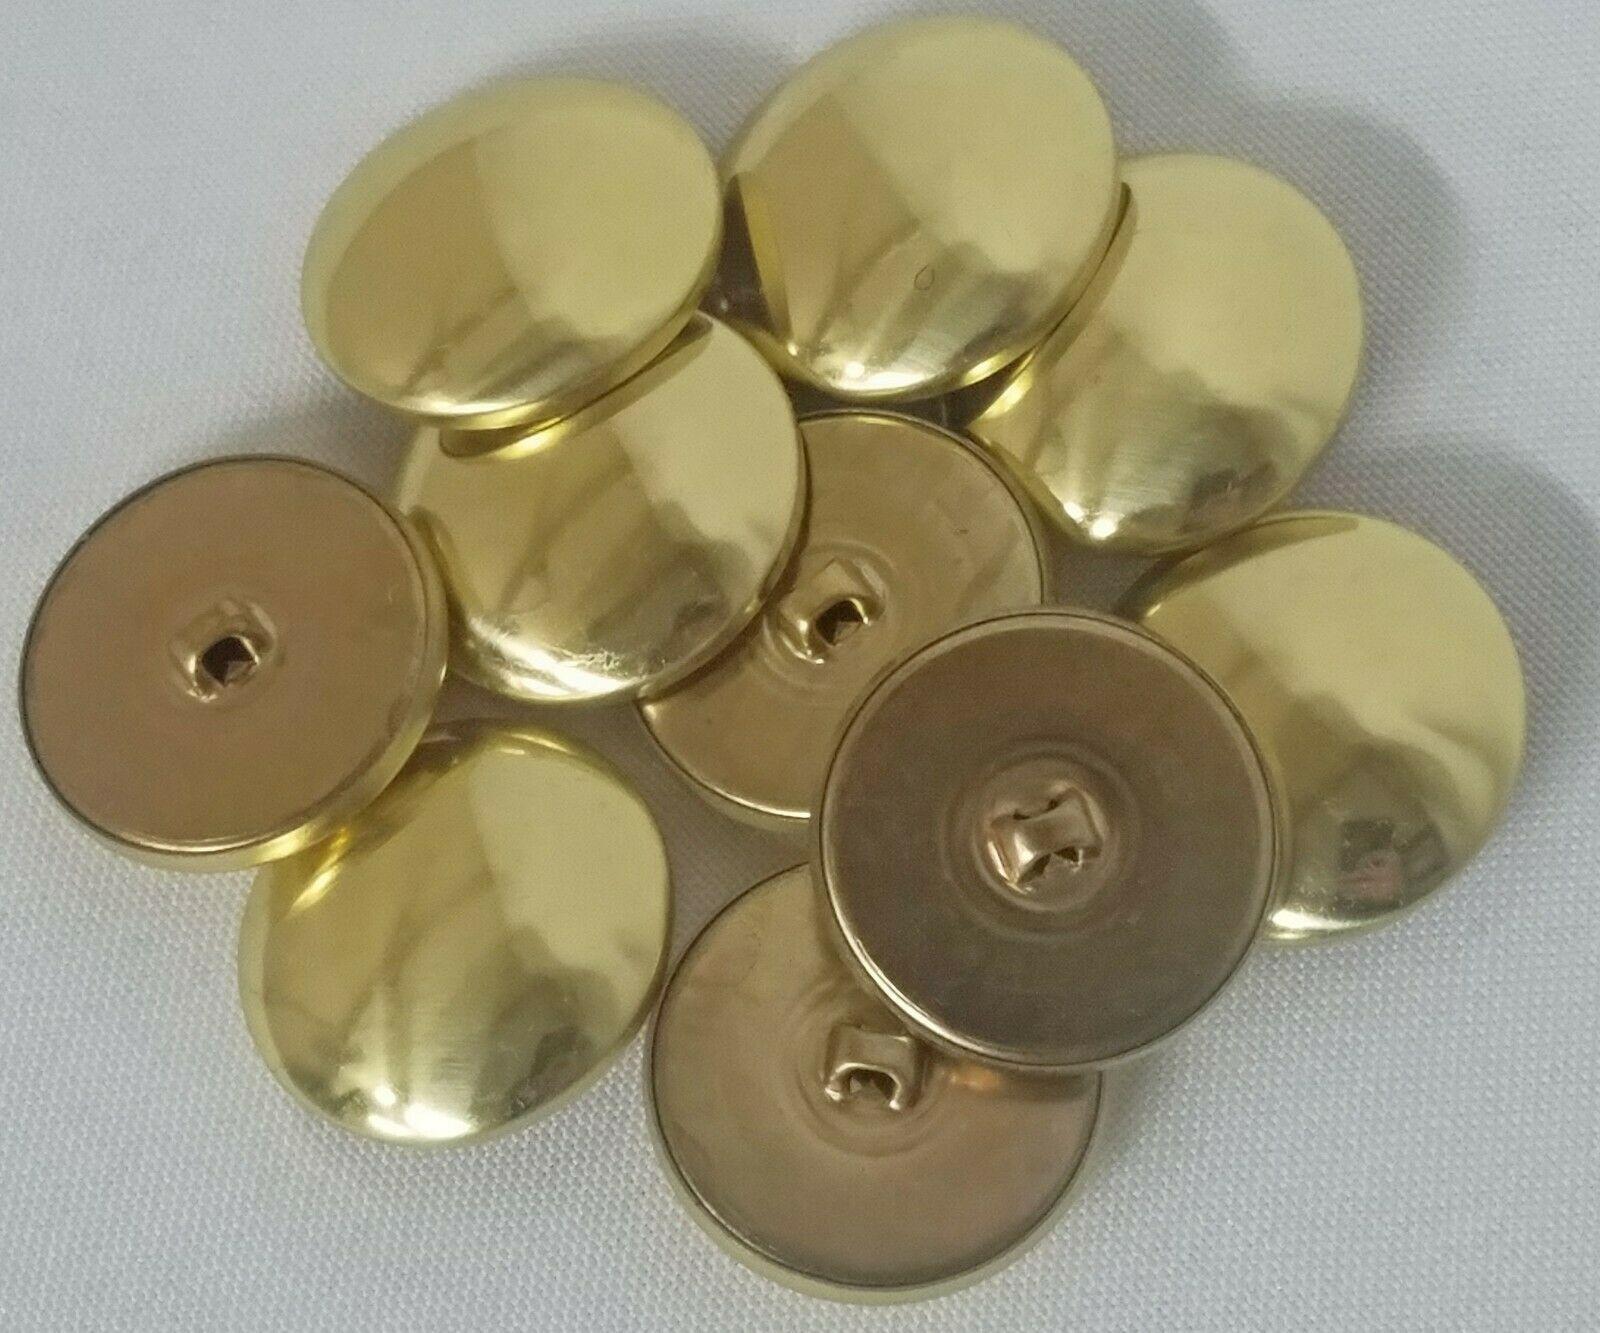 10 Count Buttons - Brass Metallic Gold Shank Dutch Costume Coat Buttons M211.41 - $5.00